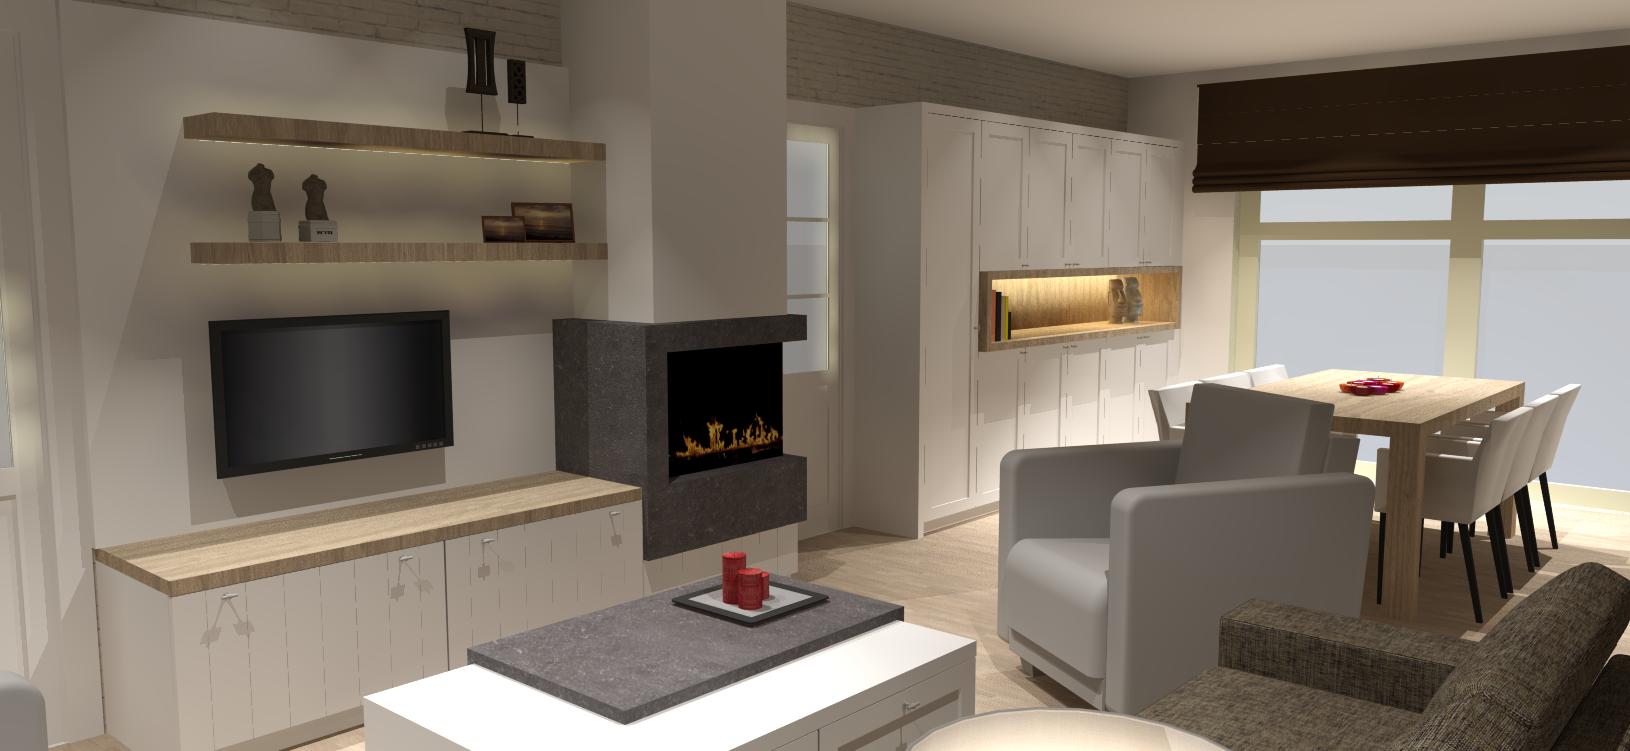 Haard tv meubel met grote bergkast strak landelijk i 39 am for Landelijke stijl interieur